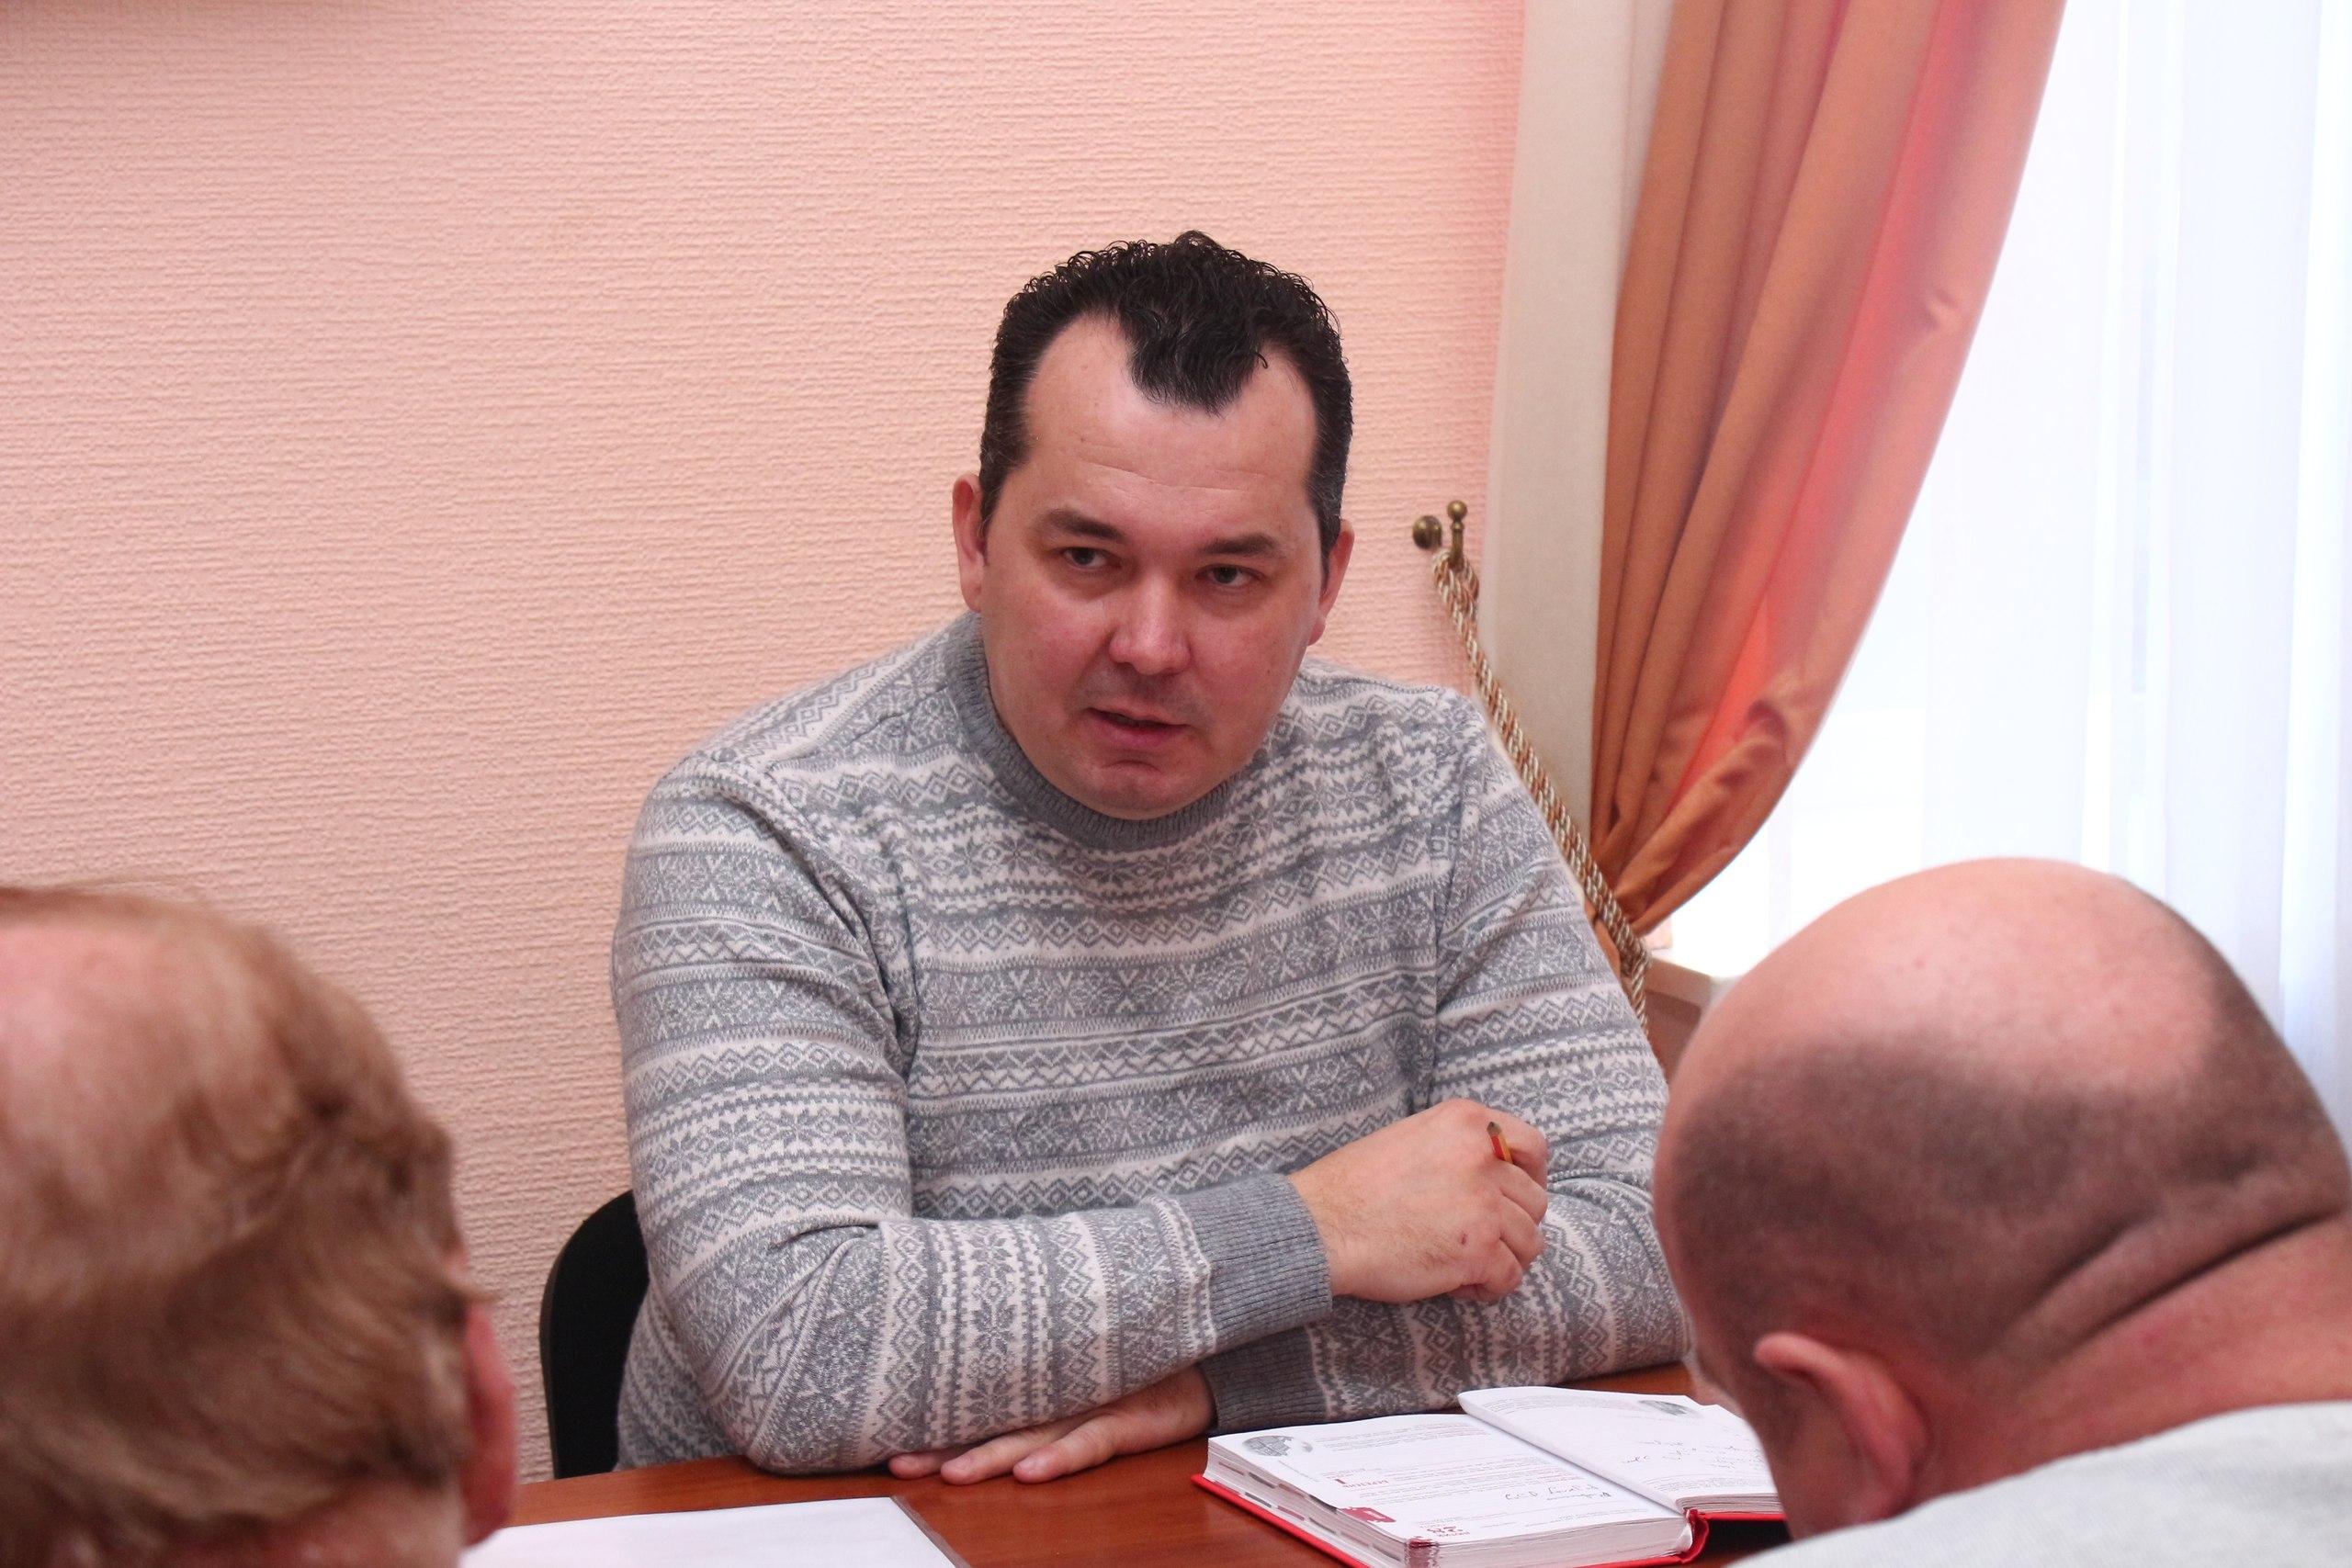 Укртрансбезопасность согласовала план рейдов выявления нелегальных таксистов